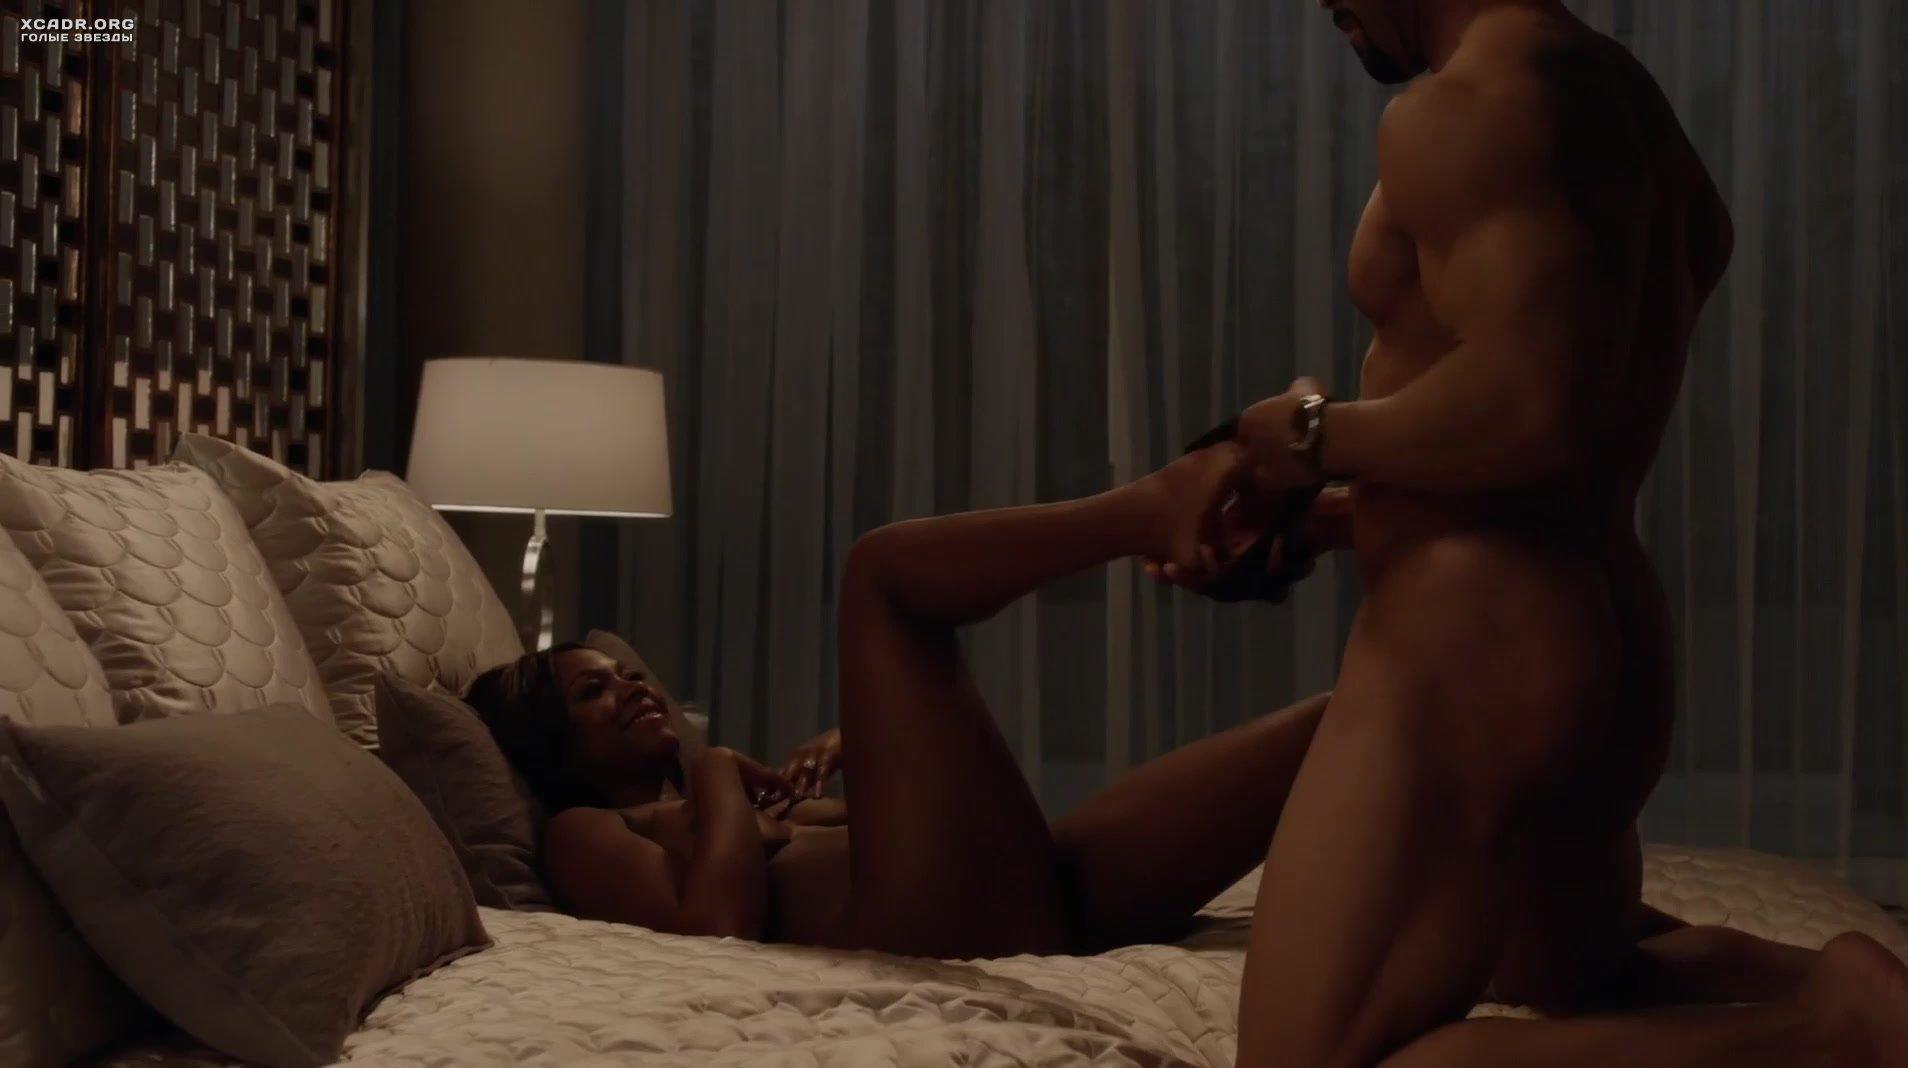 Lela loren porn